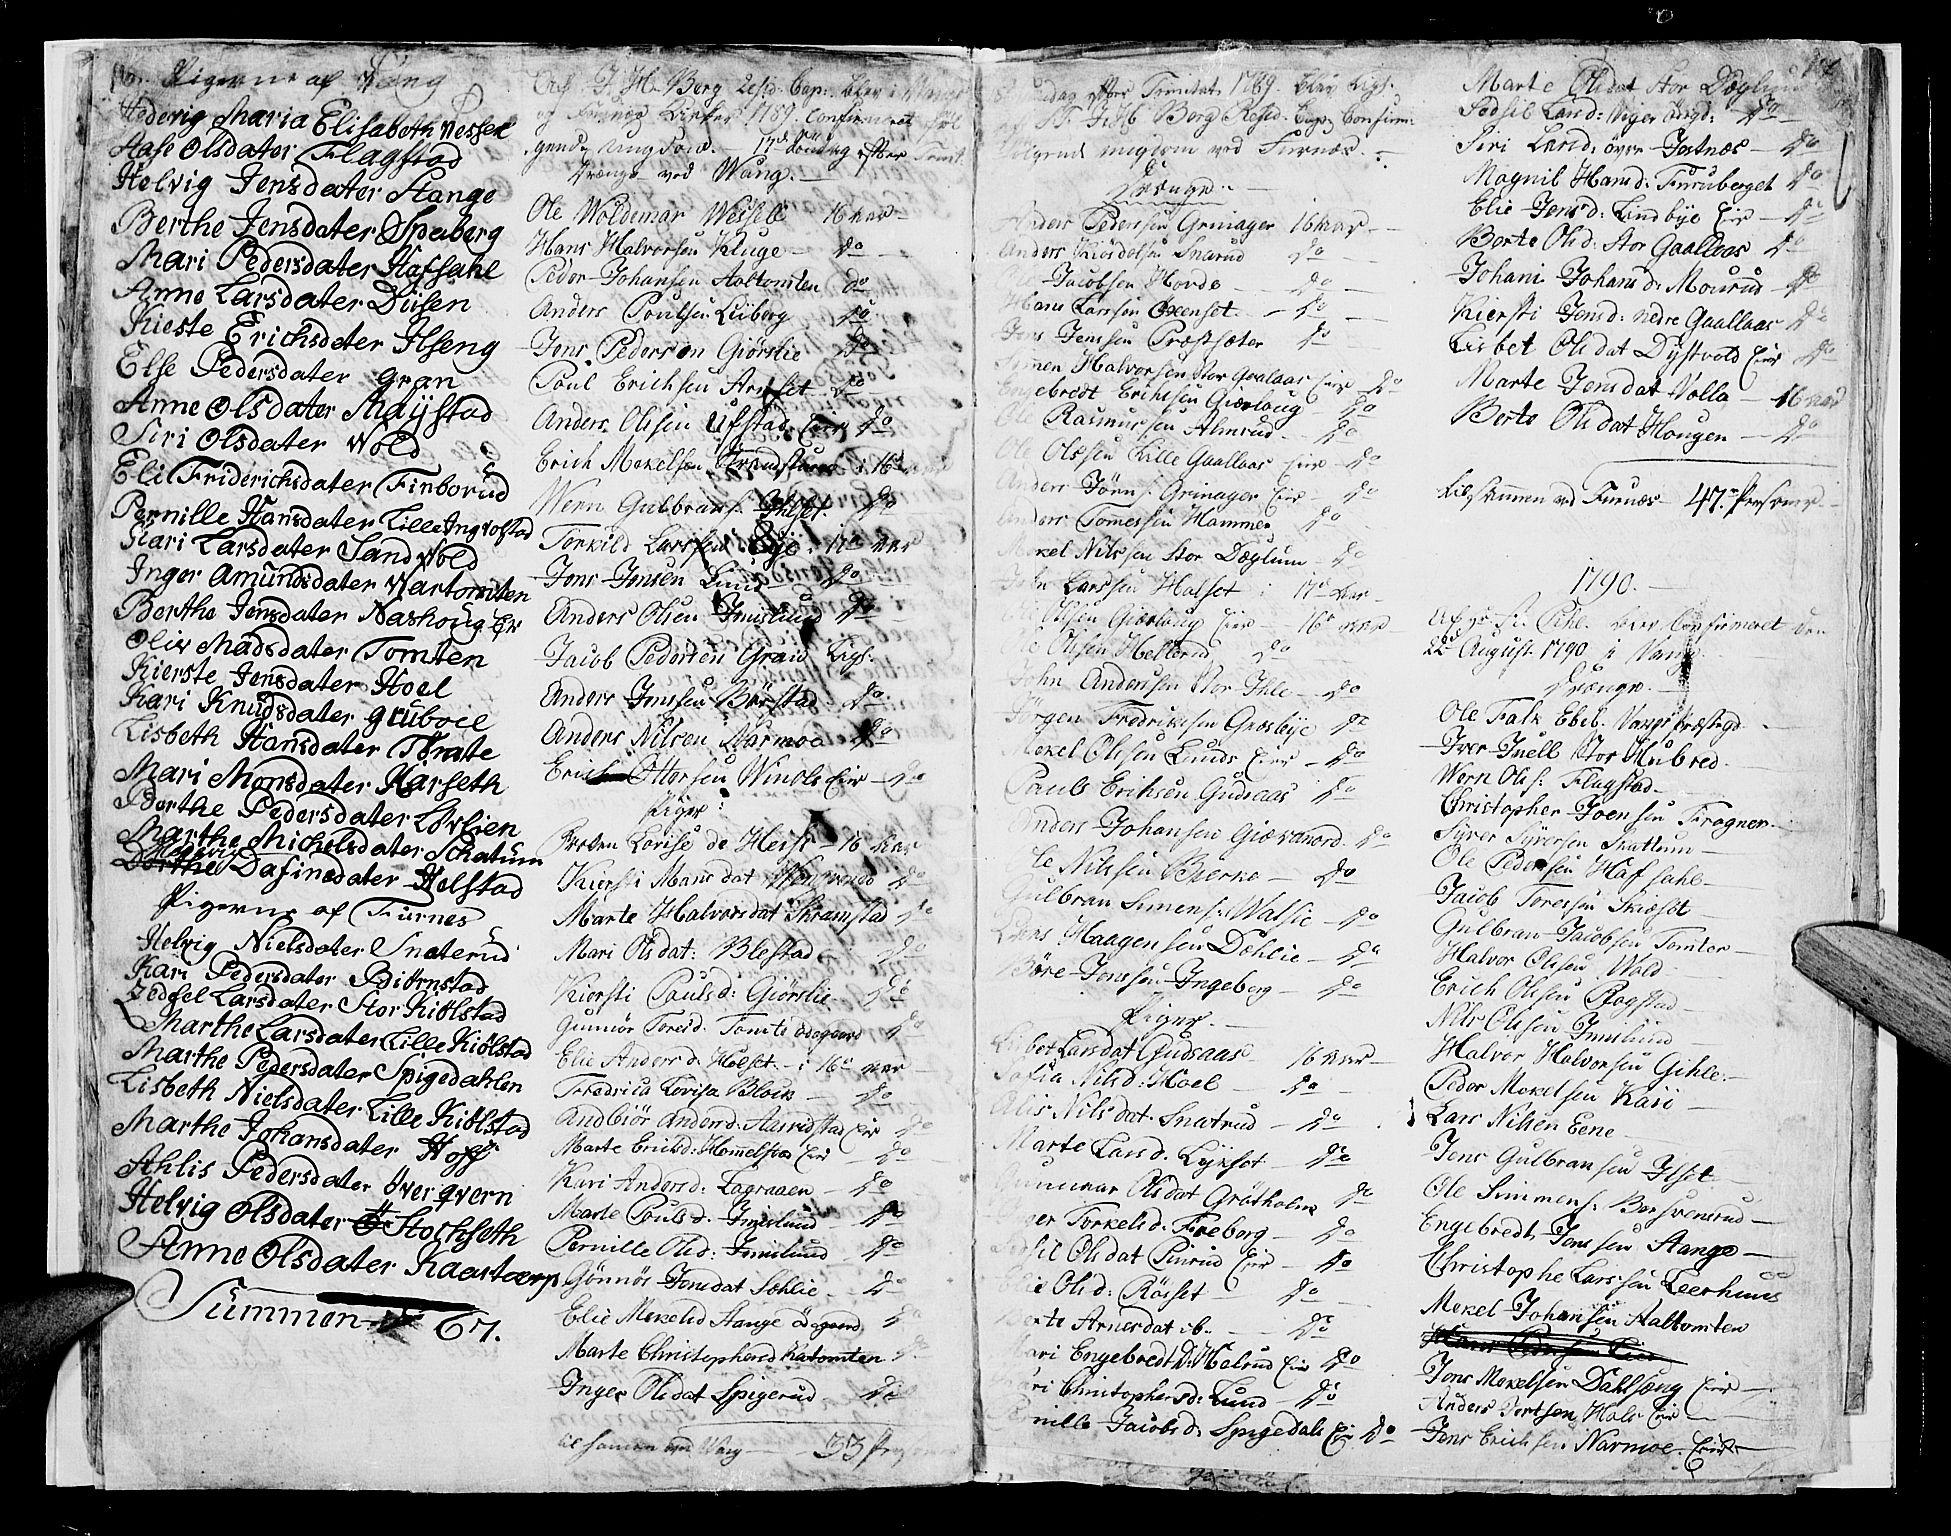 SAH, Vang prestekontor, Hedmark, H/Ha/Haa/L0004: Ministerialbok nr. 4, 1776-1806, s. 16-17